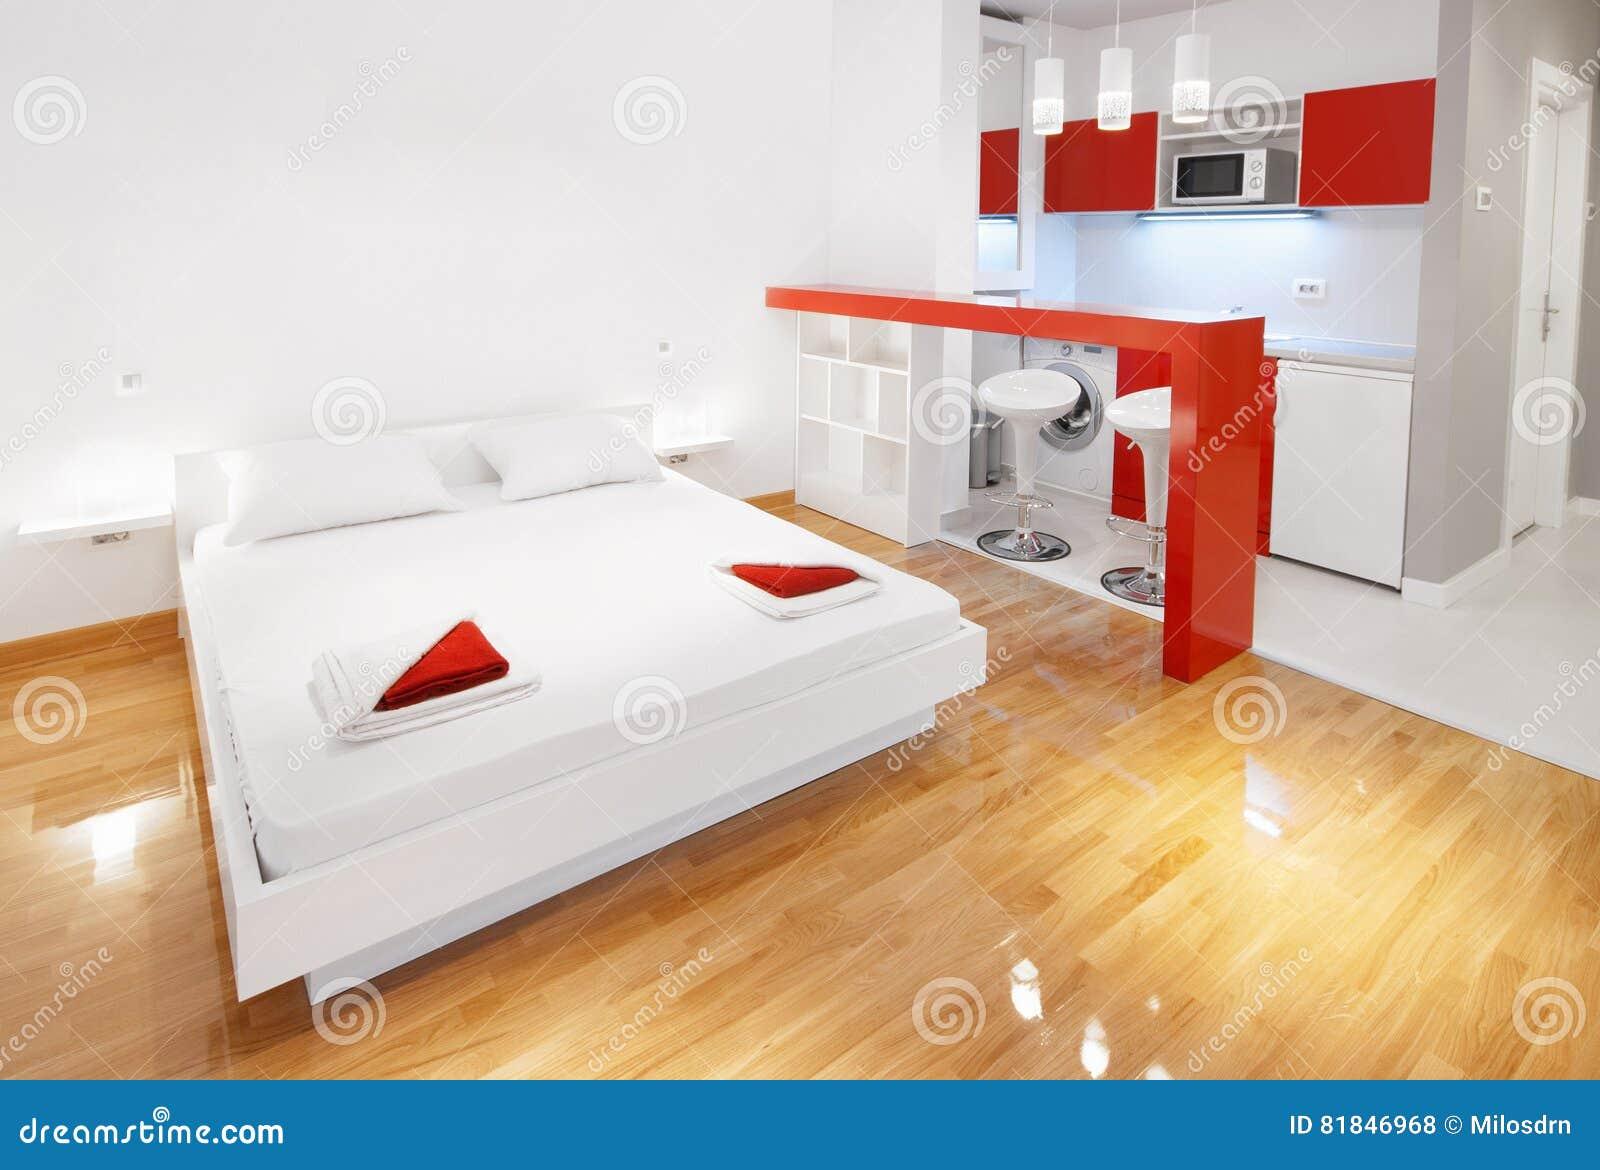 Appartement De Studio Ou Chambre à Coucher Moderne D\'hôtel En Rouge ...